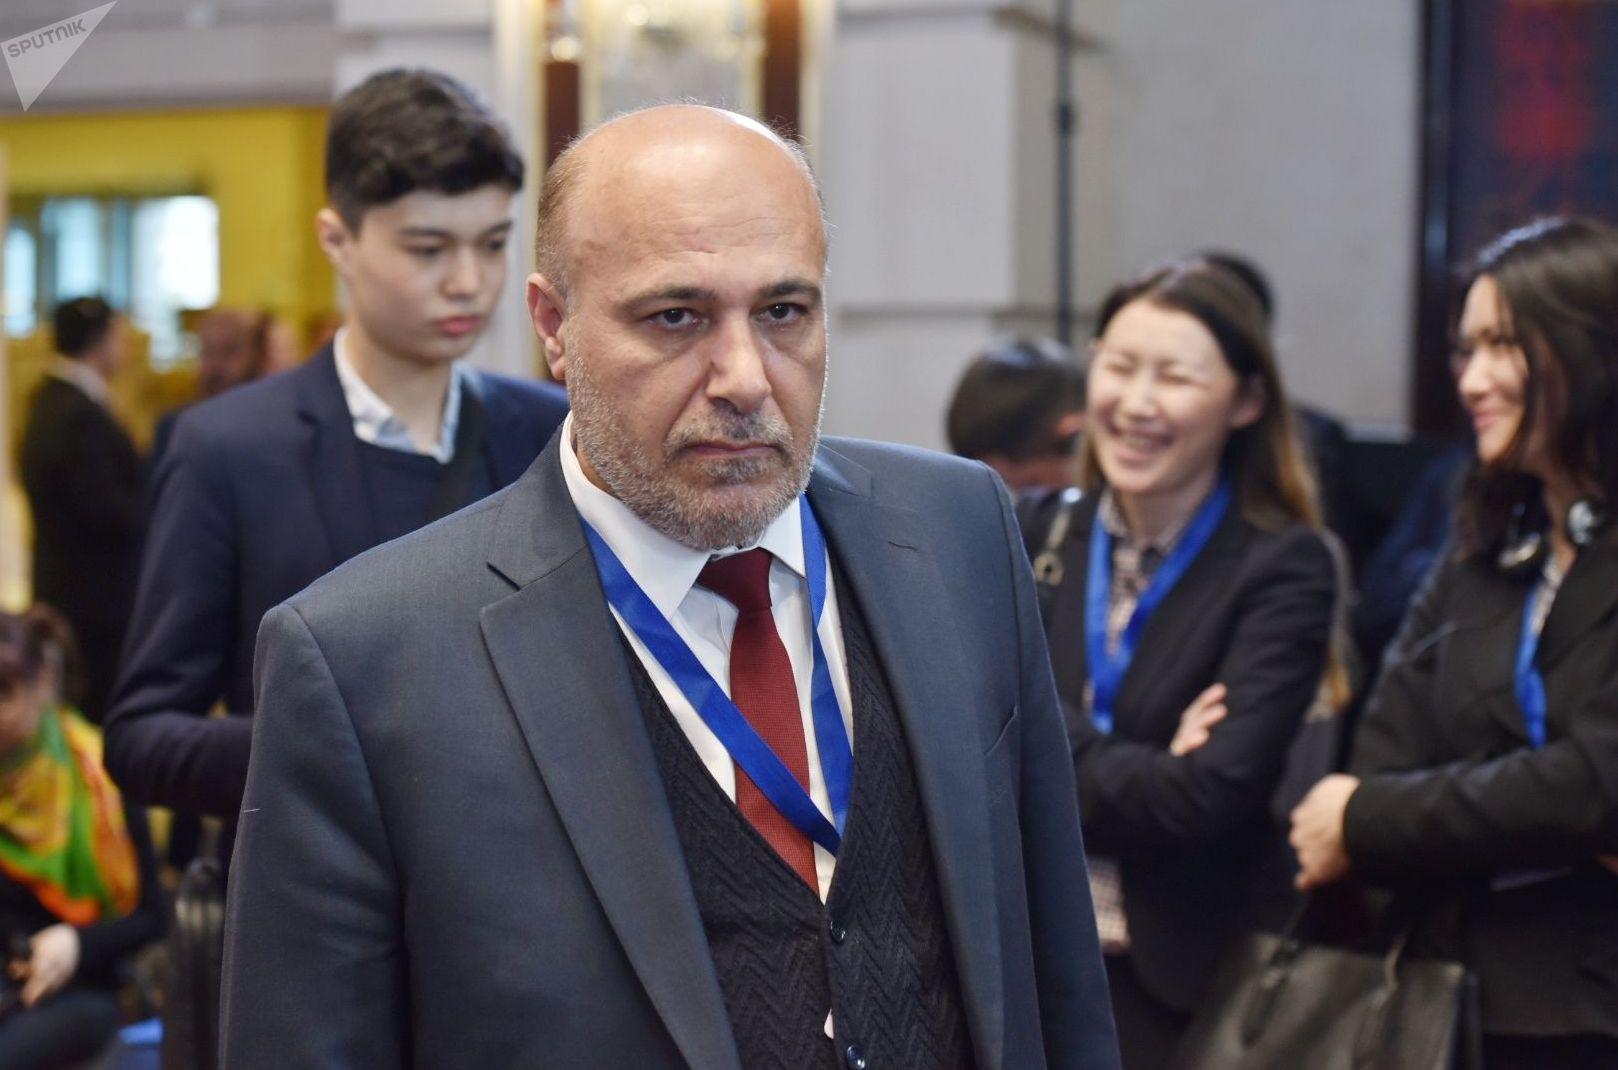 Двенадцатый раунд переговоров по Сирии состоялся в Нур-Султане. На фото: представитель оппозиции